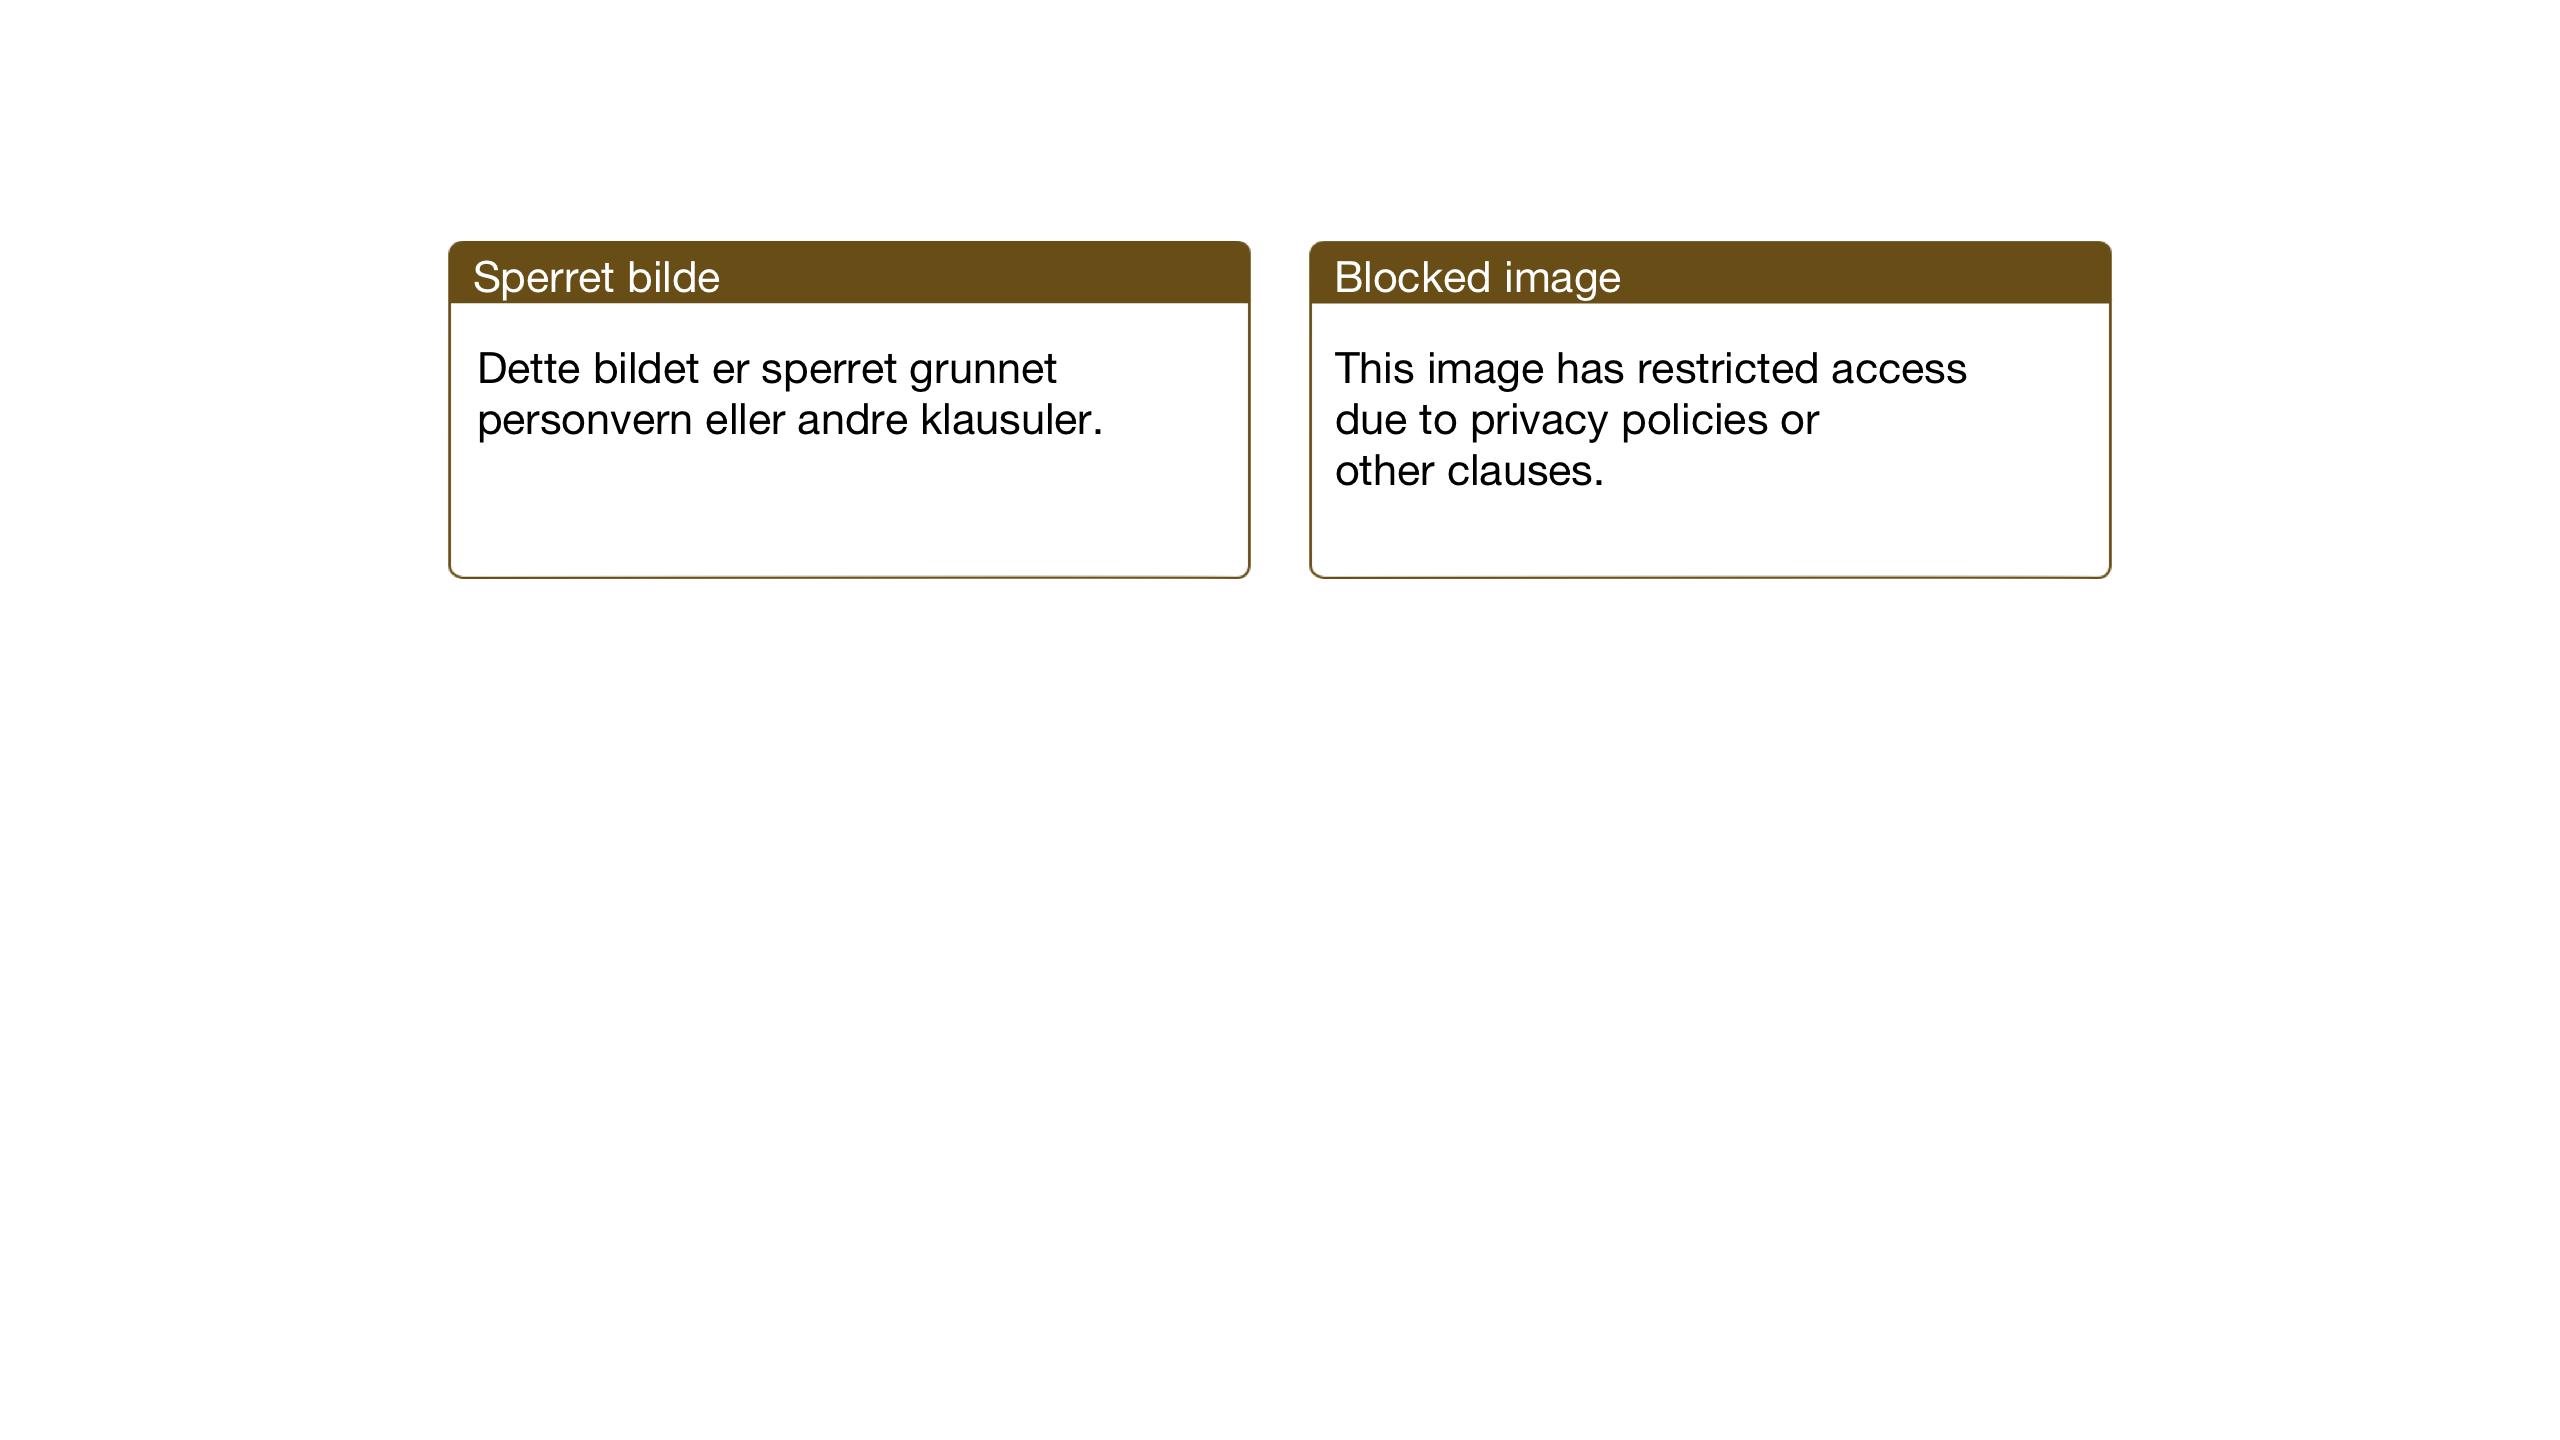 SAT, Ministerialprotokoller, klokkerbøker og fødselsregistre - Nord-Trøndelag, 730/L0304: Klokkerbok nr. 730C07, 1934-1945, s. 28